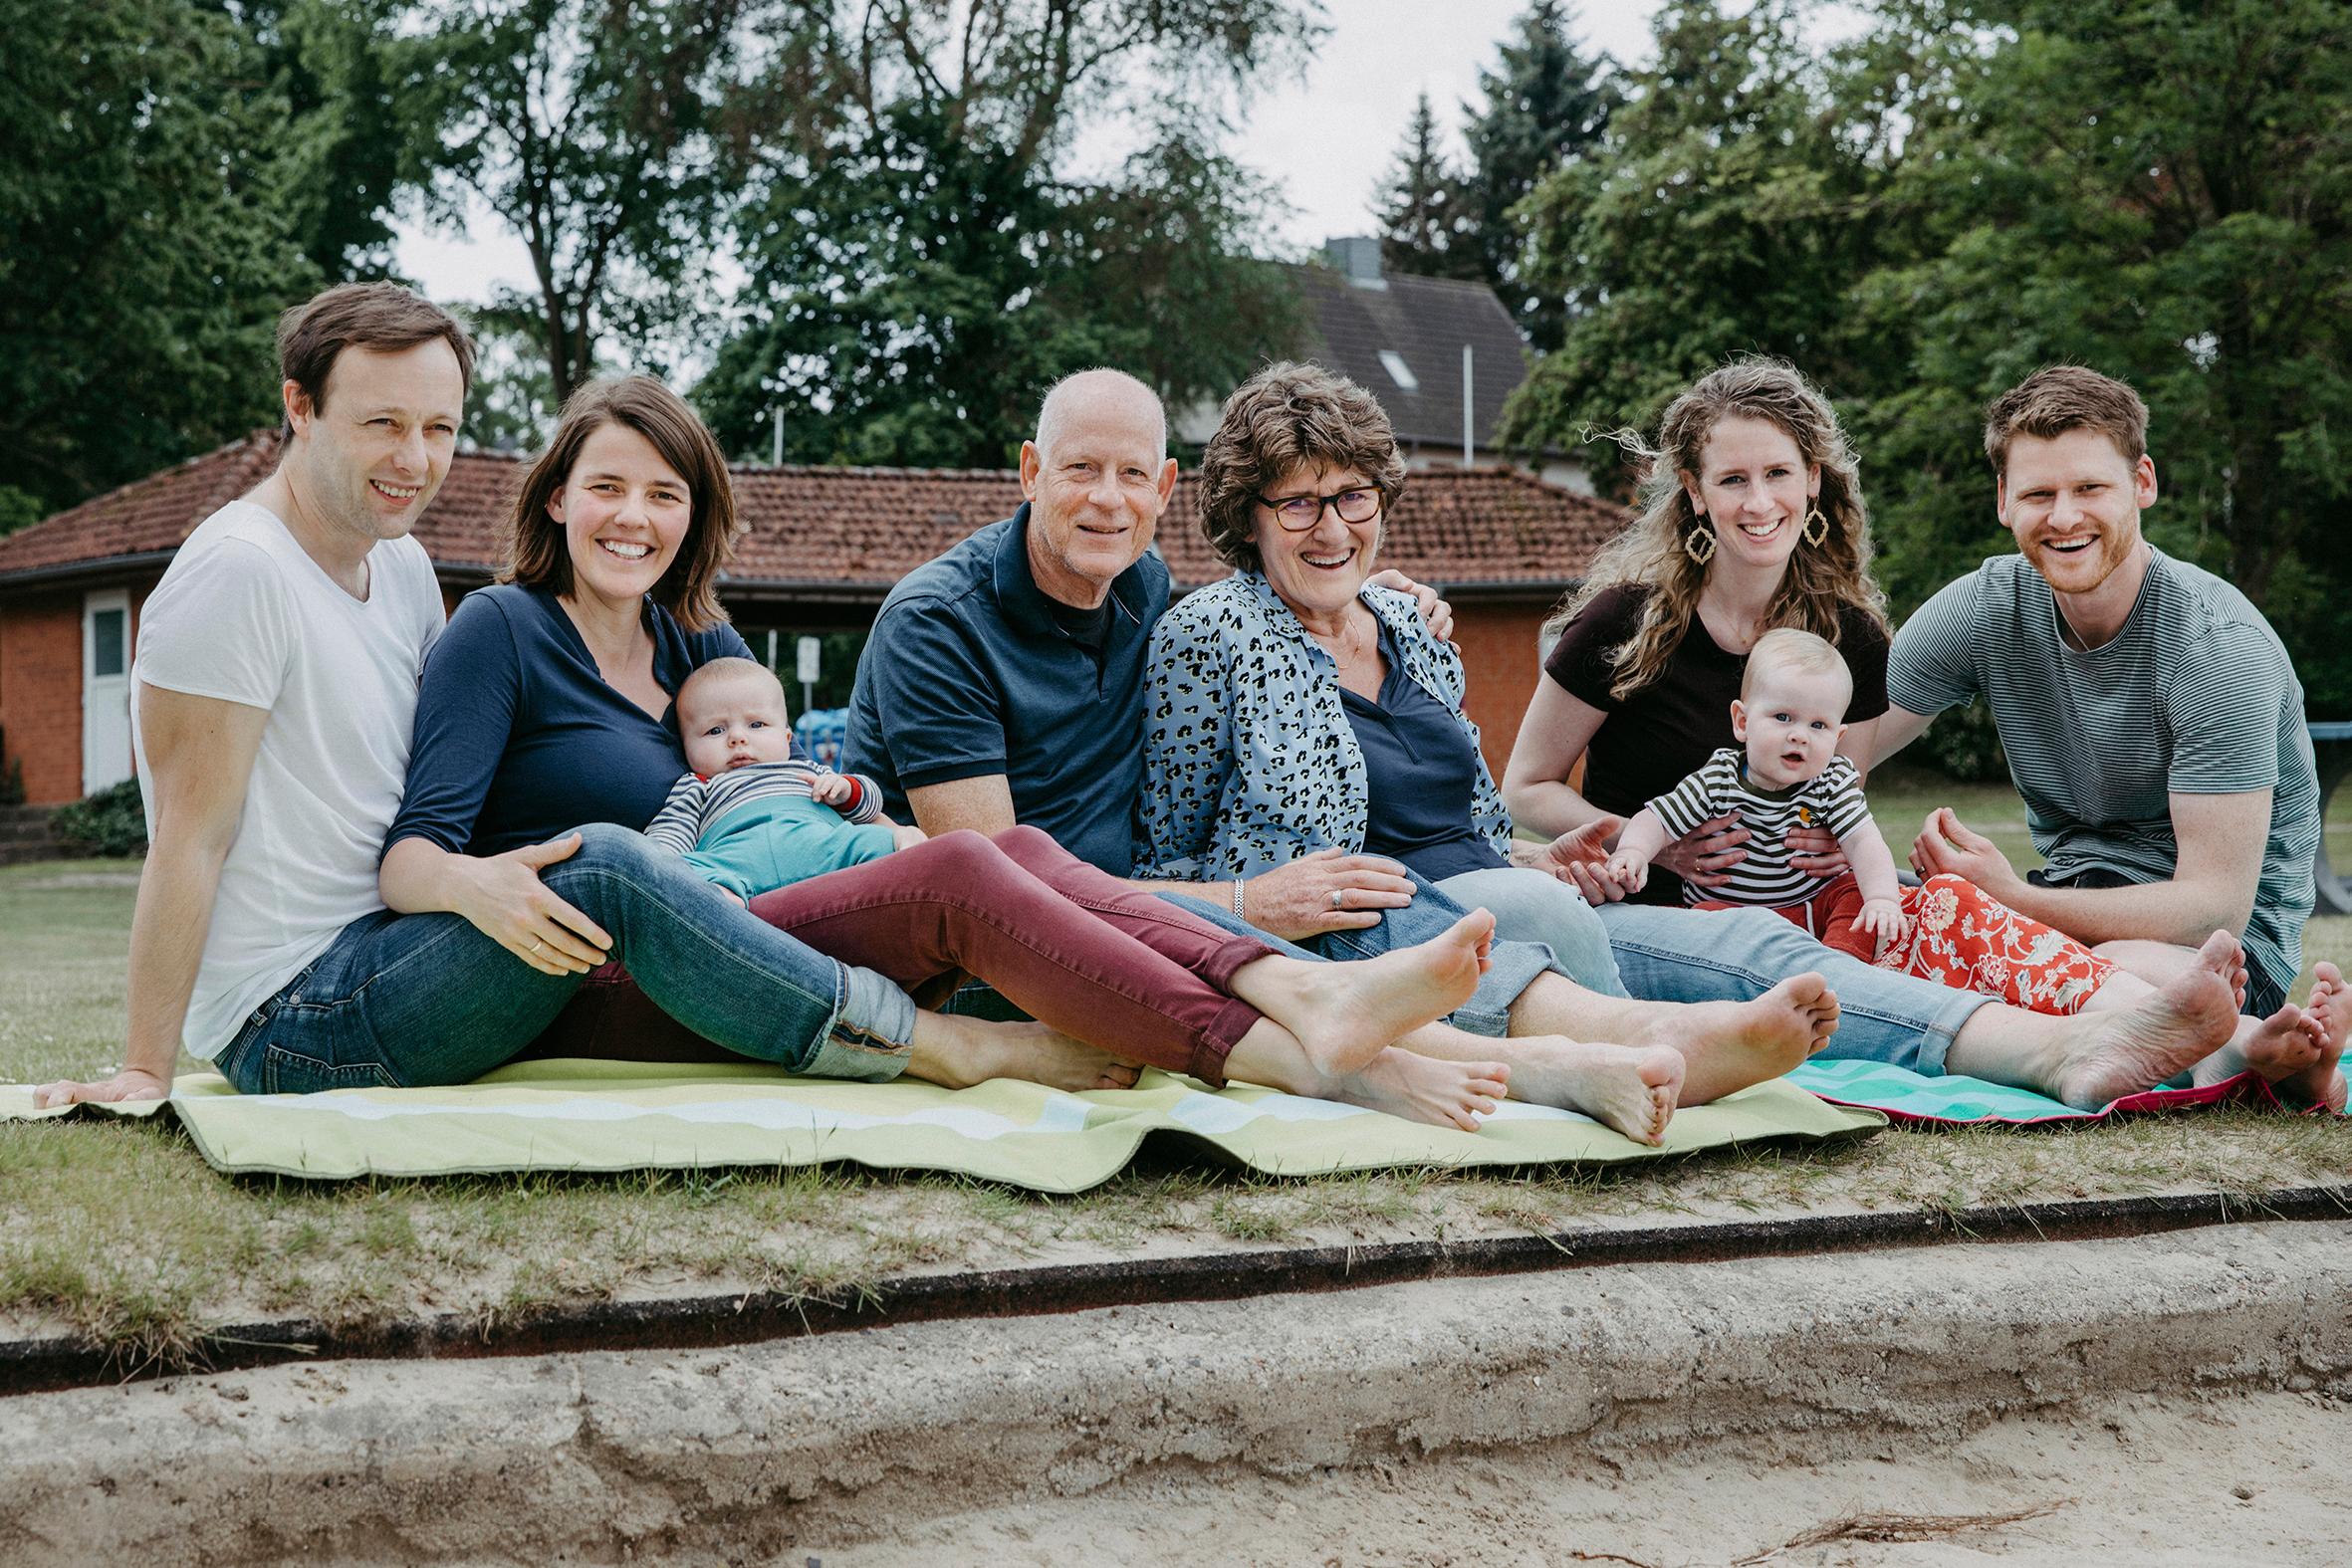 Familienfotos_Familienshooting_Schaalsee_G1